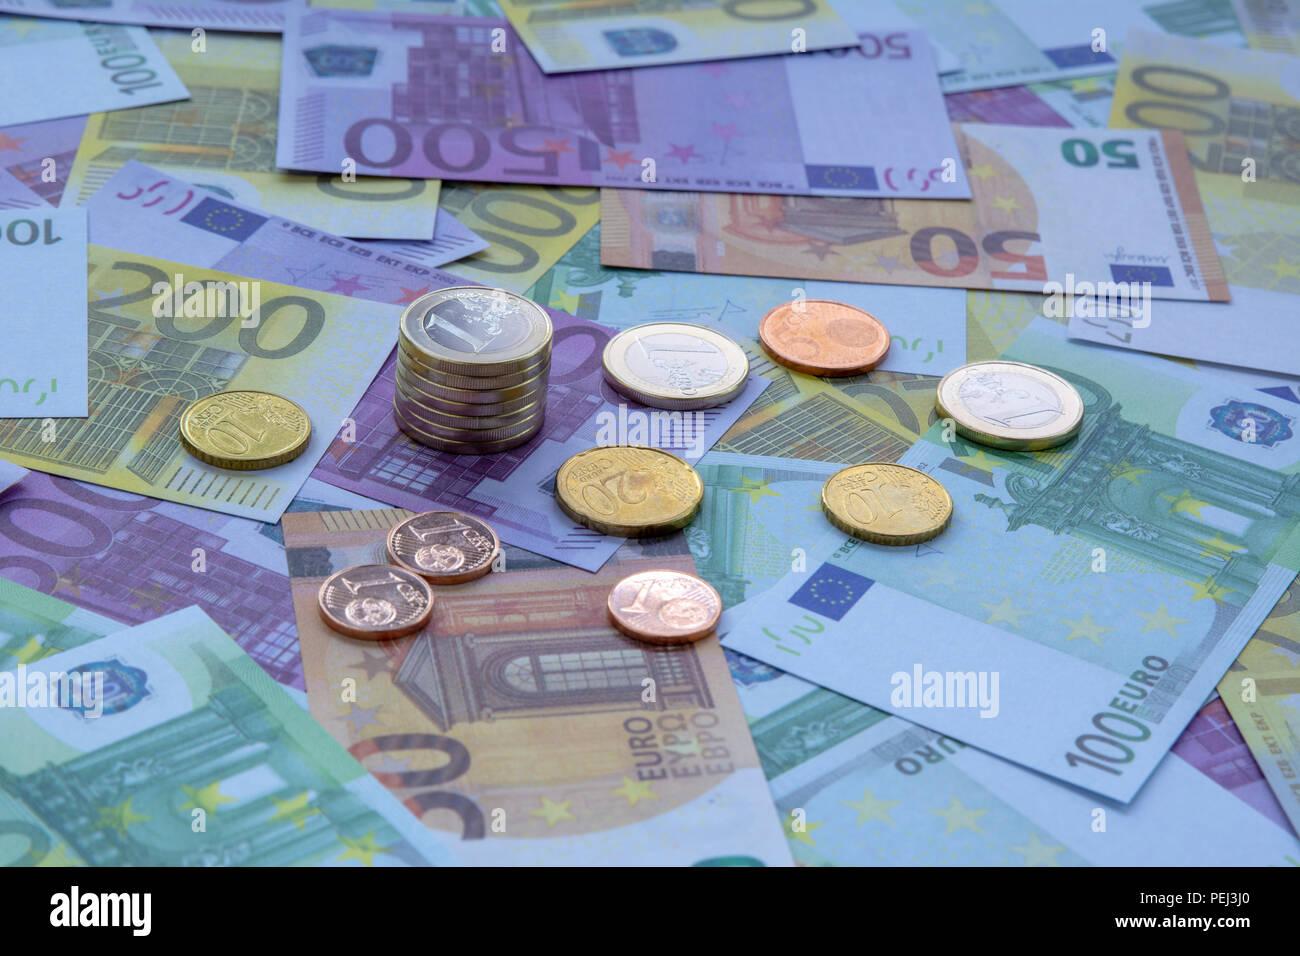 Viele Verschiedene Euro Scheine Und Münzen Symbolische Foto Für